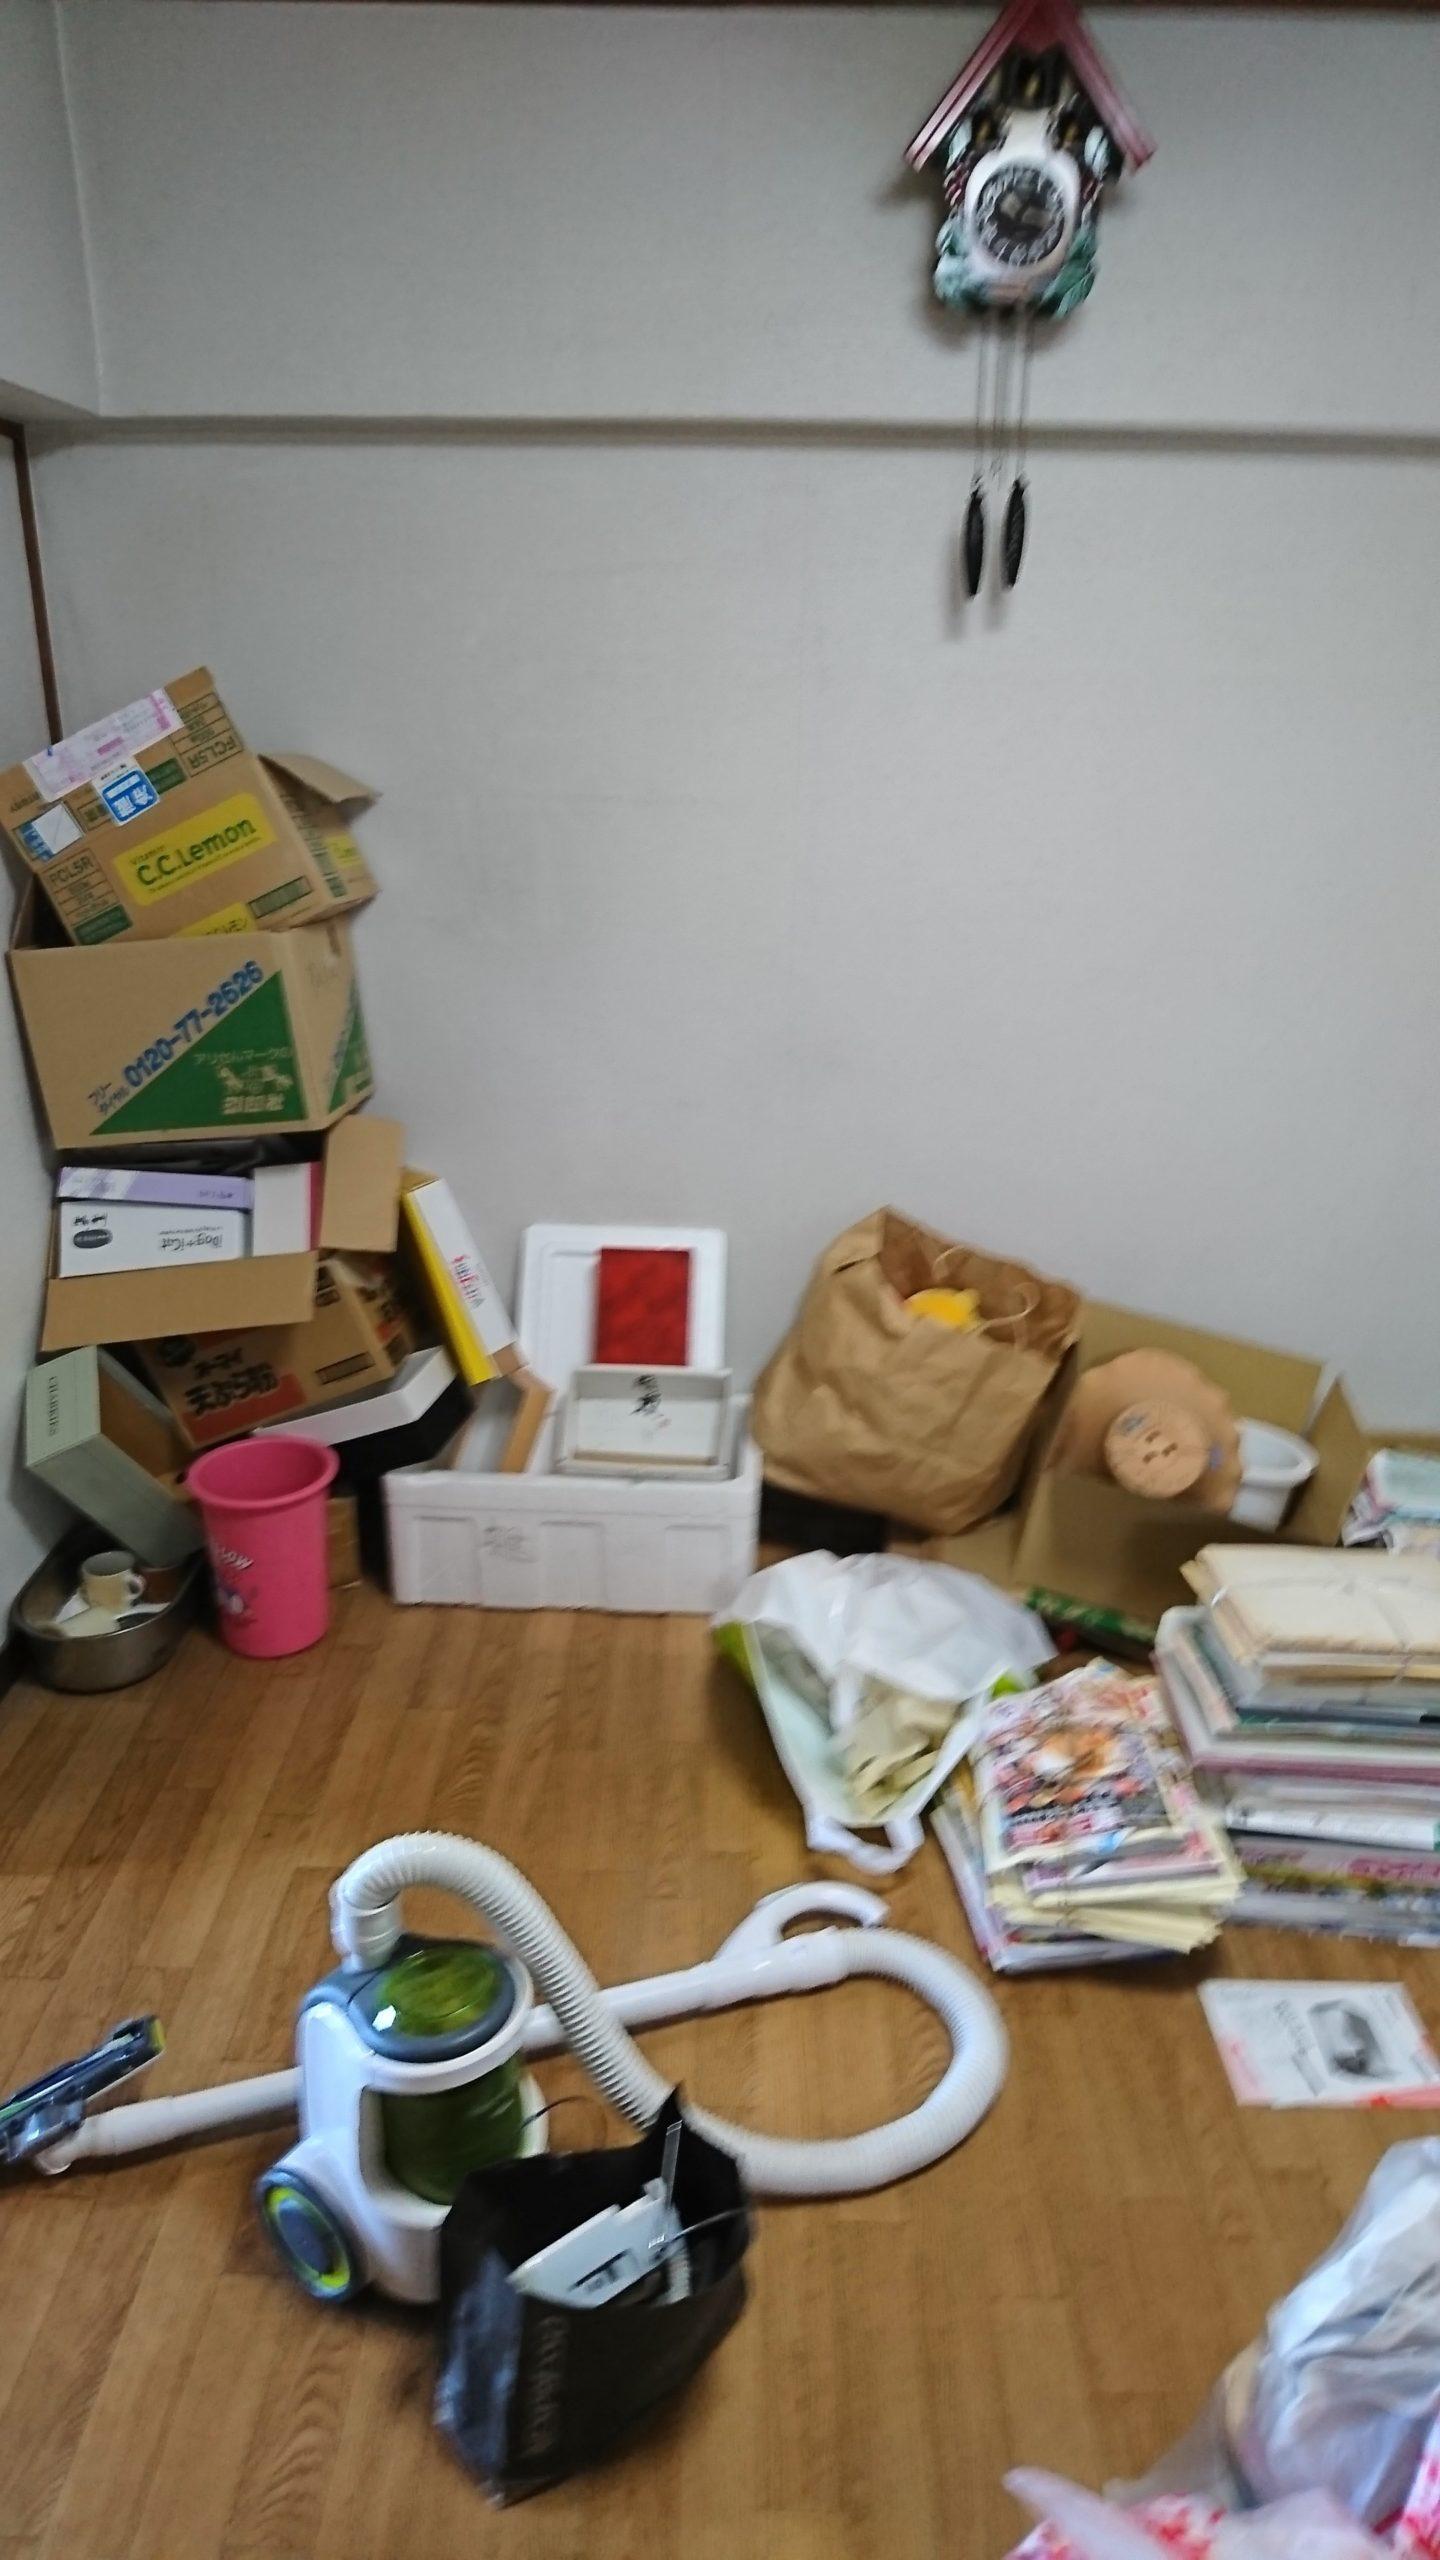 【愛知県名古屋市中村区】引っ越しに伴い段ボール類やチラシ類の出張回収